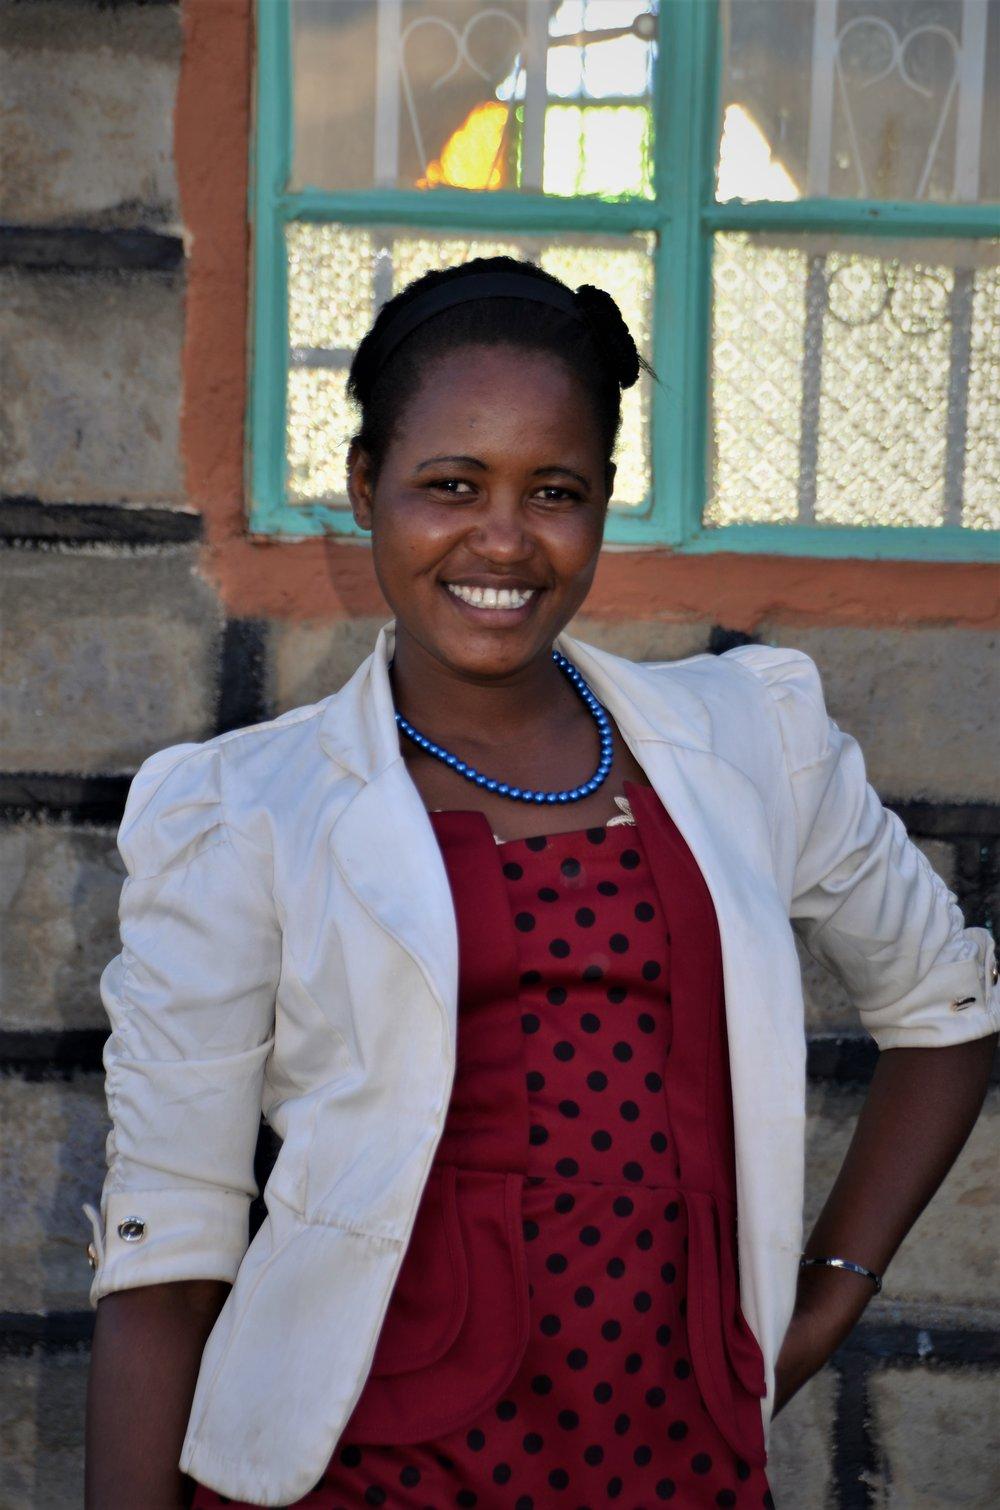 Student_Sponsorship_Kenya_Charlene.JPG